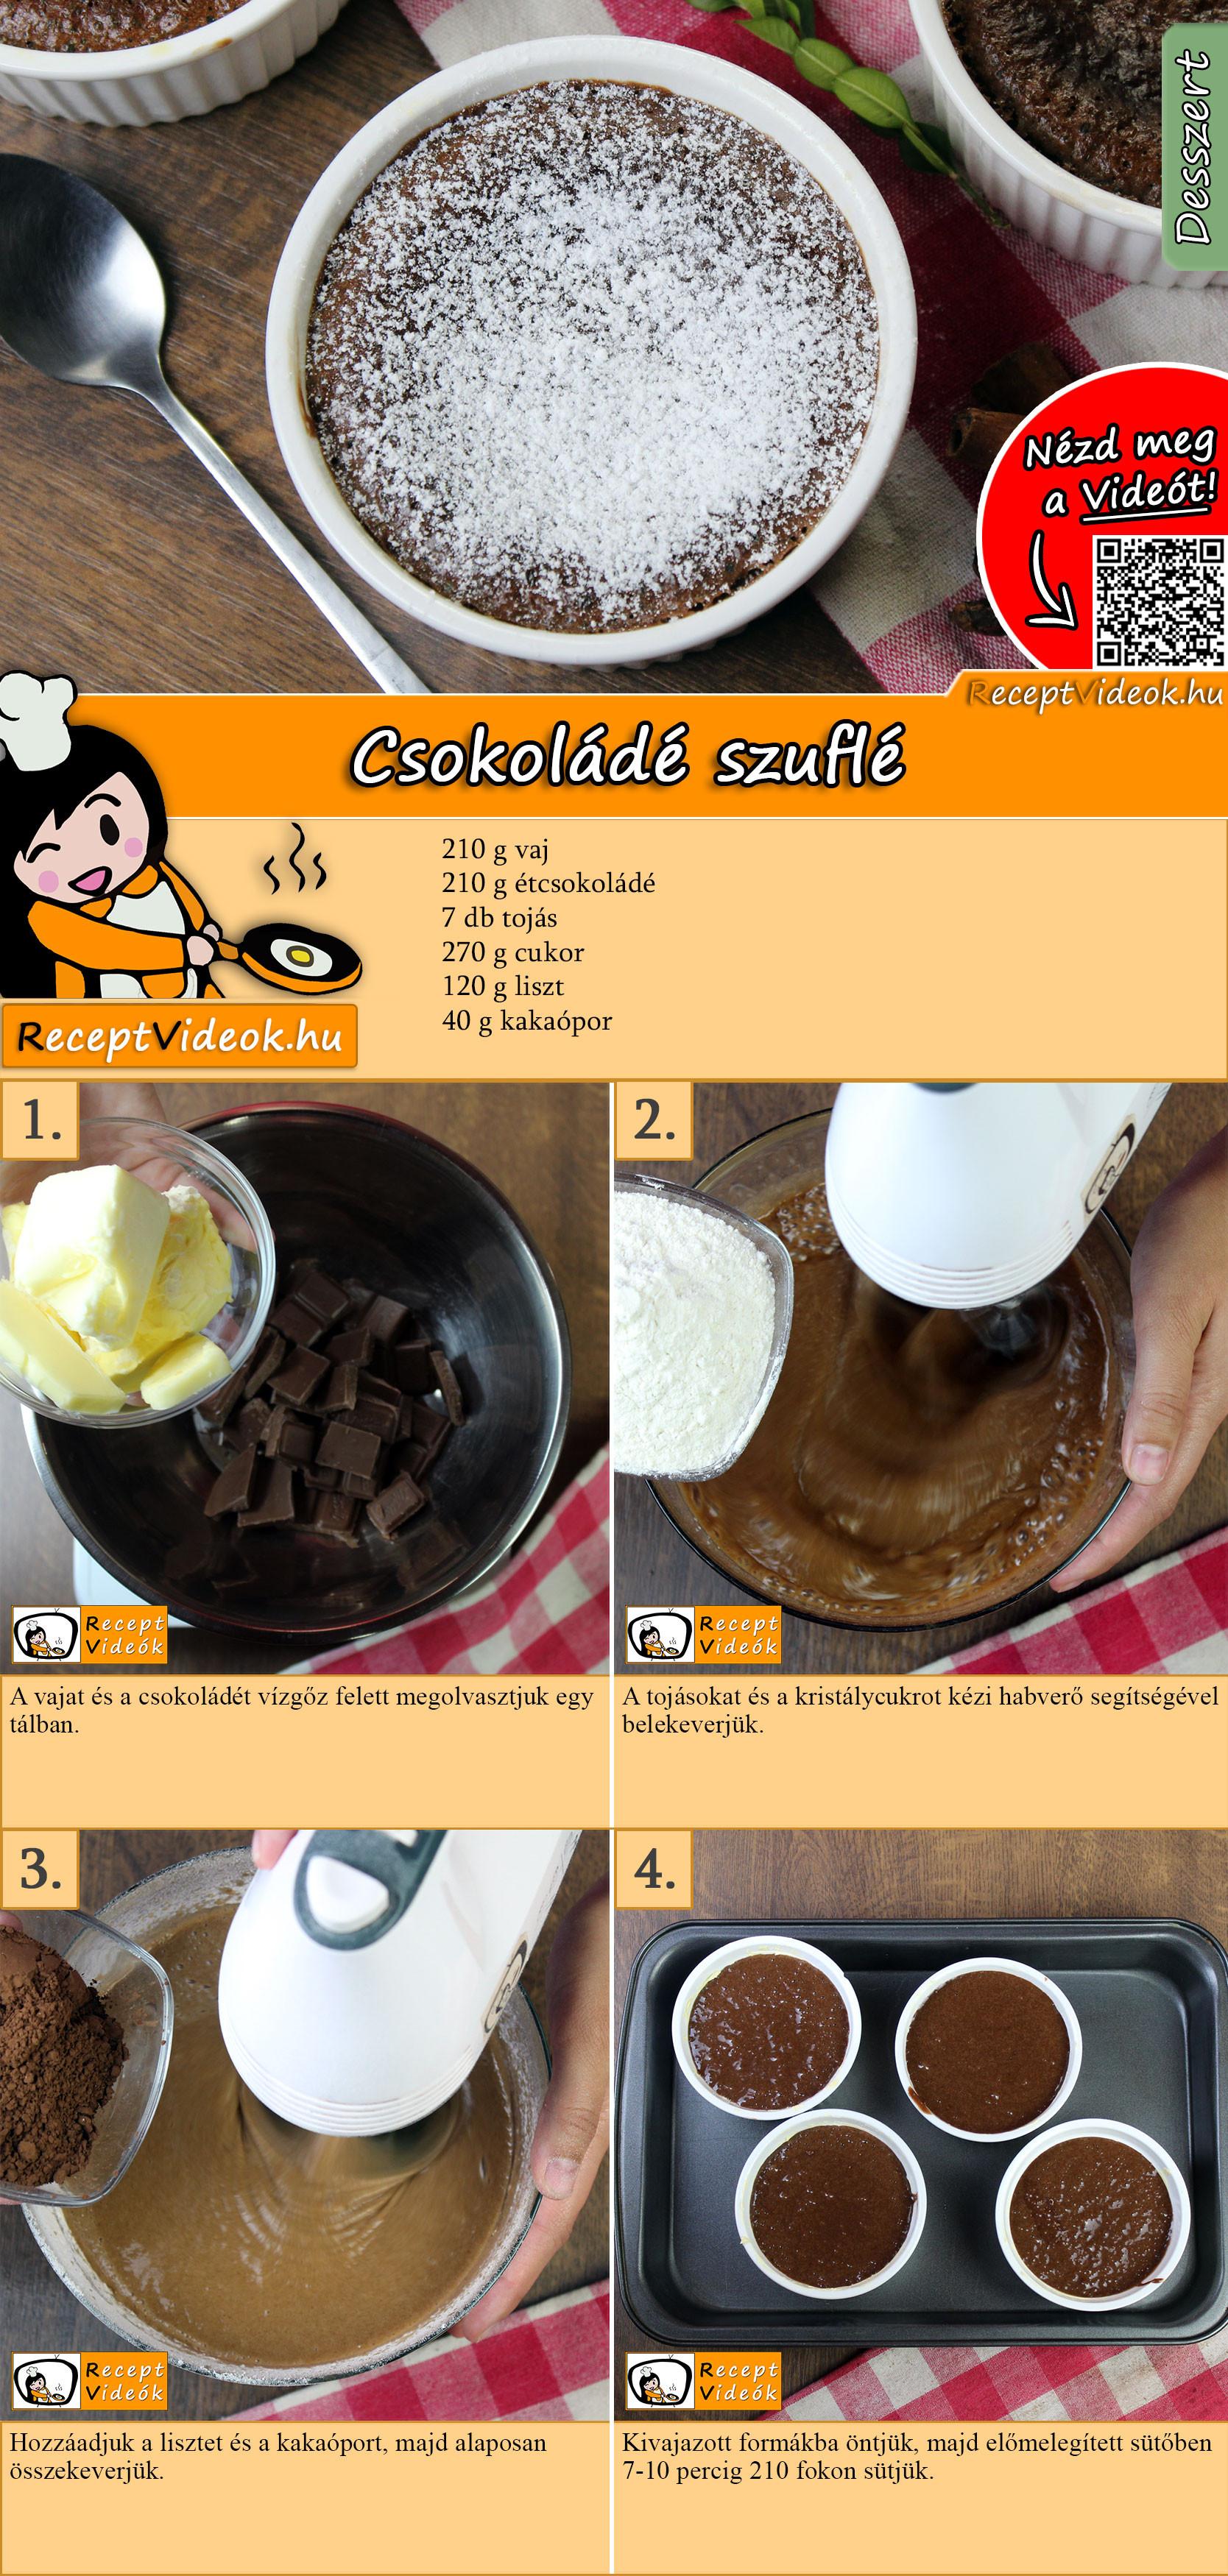 Csokoládé szuflé recept elkészítése videóval